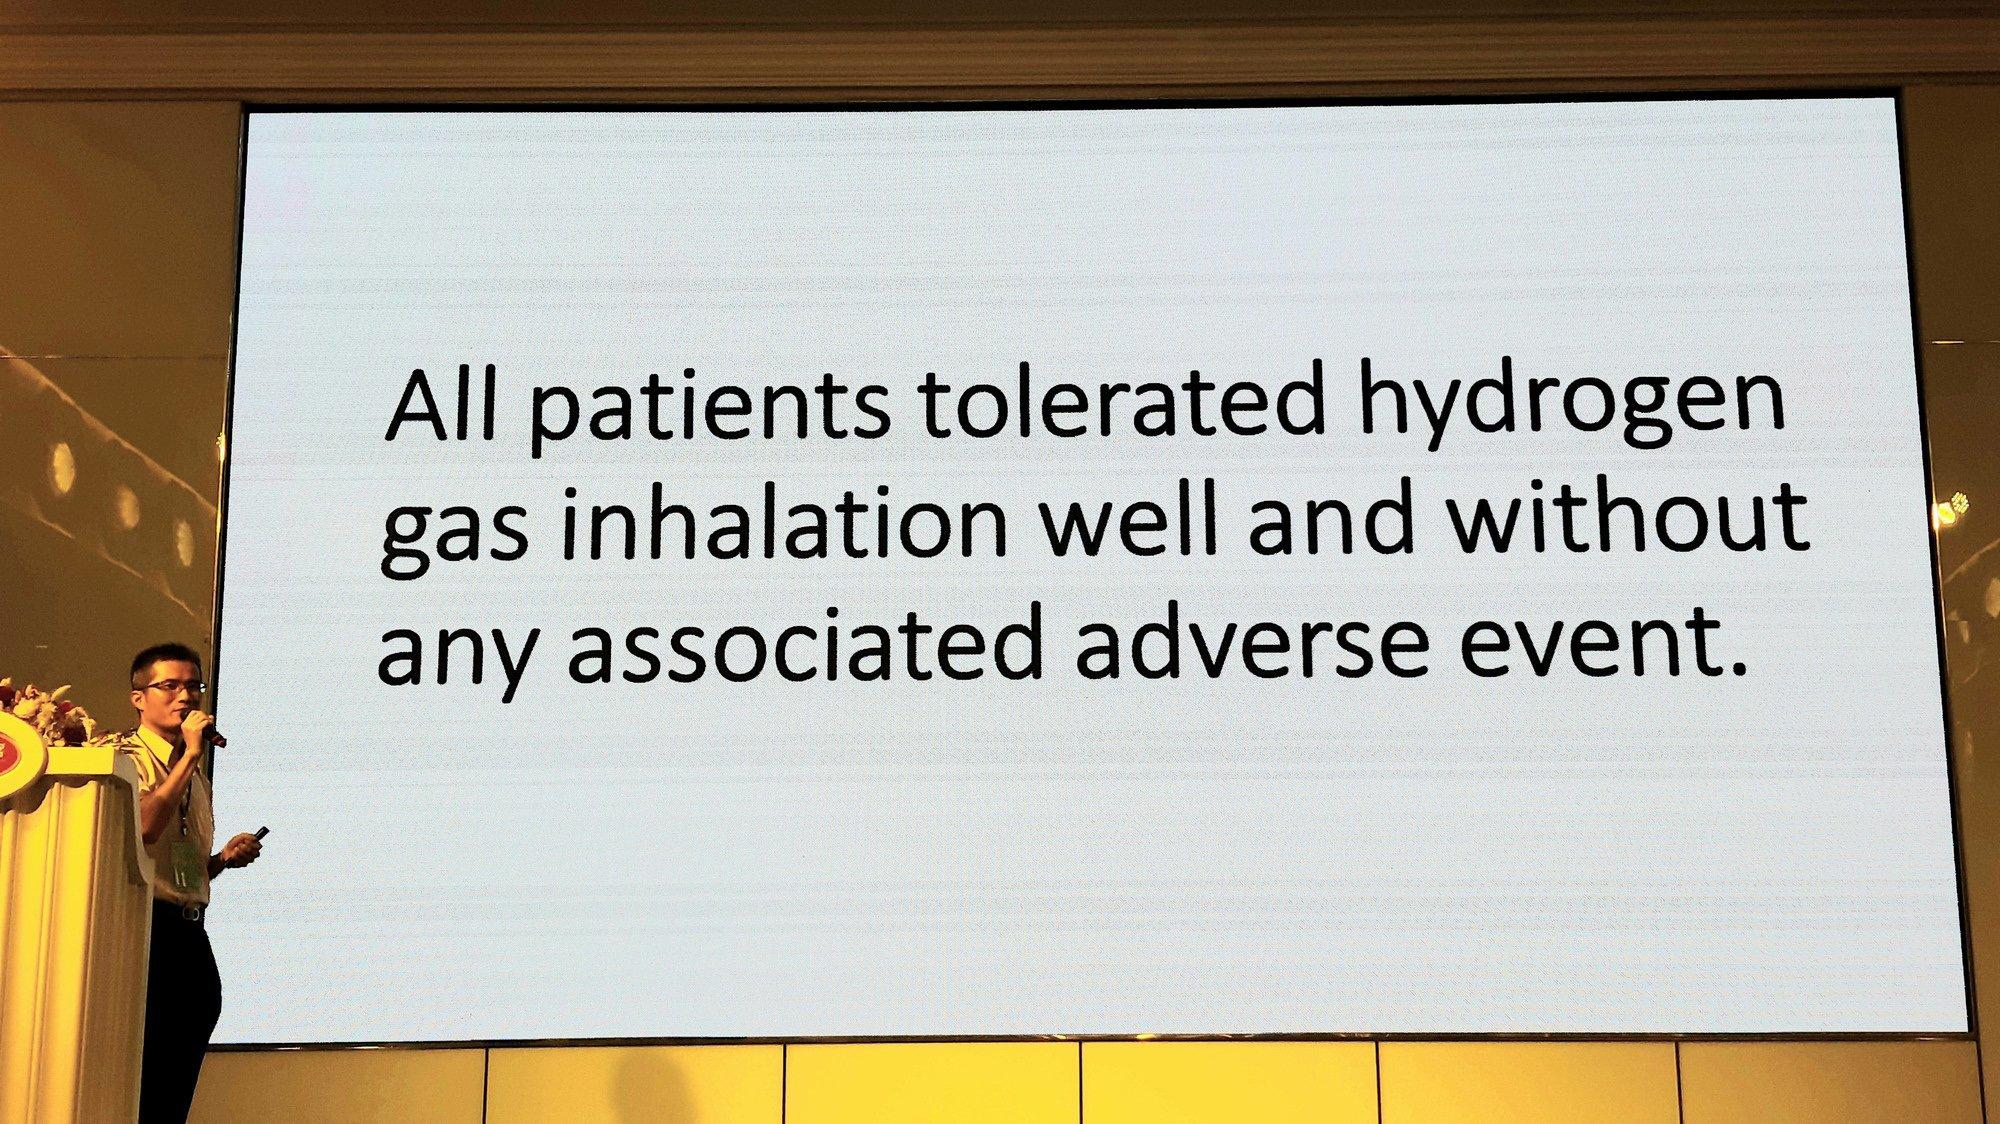 氫分子醫學研討會-29 氫氣吸入對於標靶藥物誘導之皮膚副作用的影響-義大 呼吸胸腔內科 陳俊榮醫師 及 癌治療醫院 黃明賢副院長